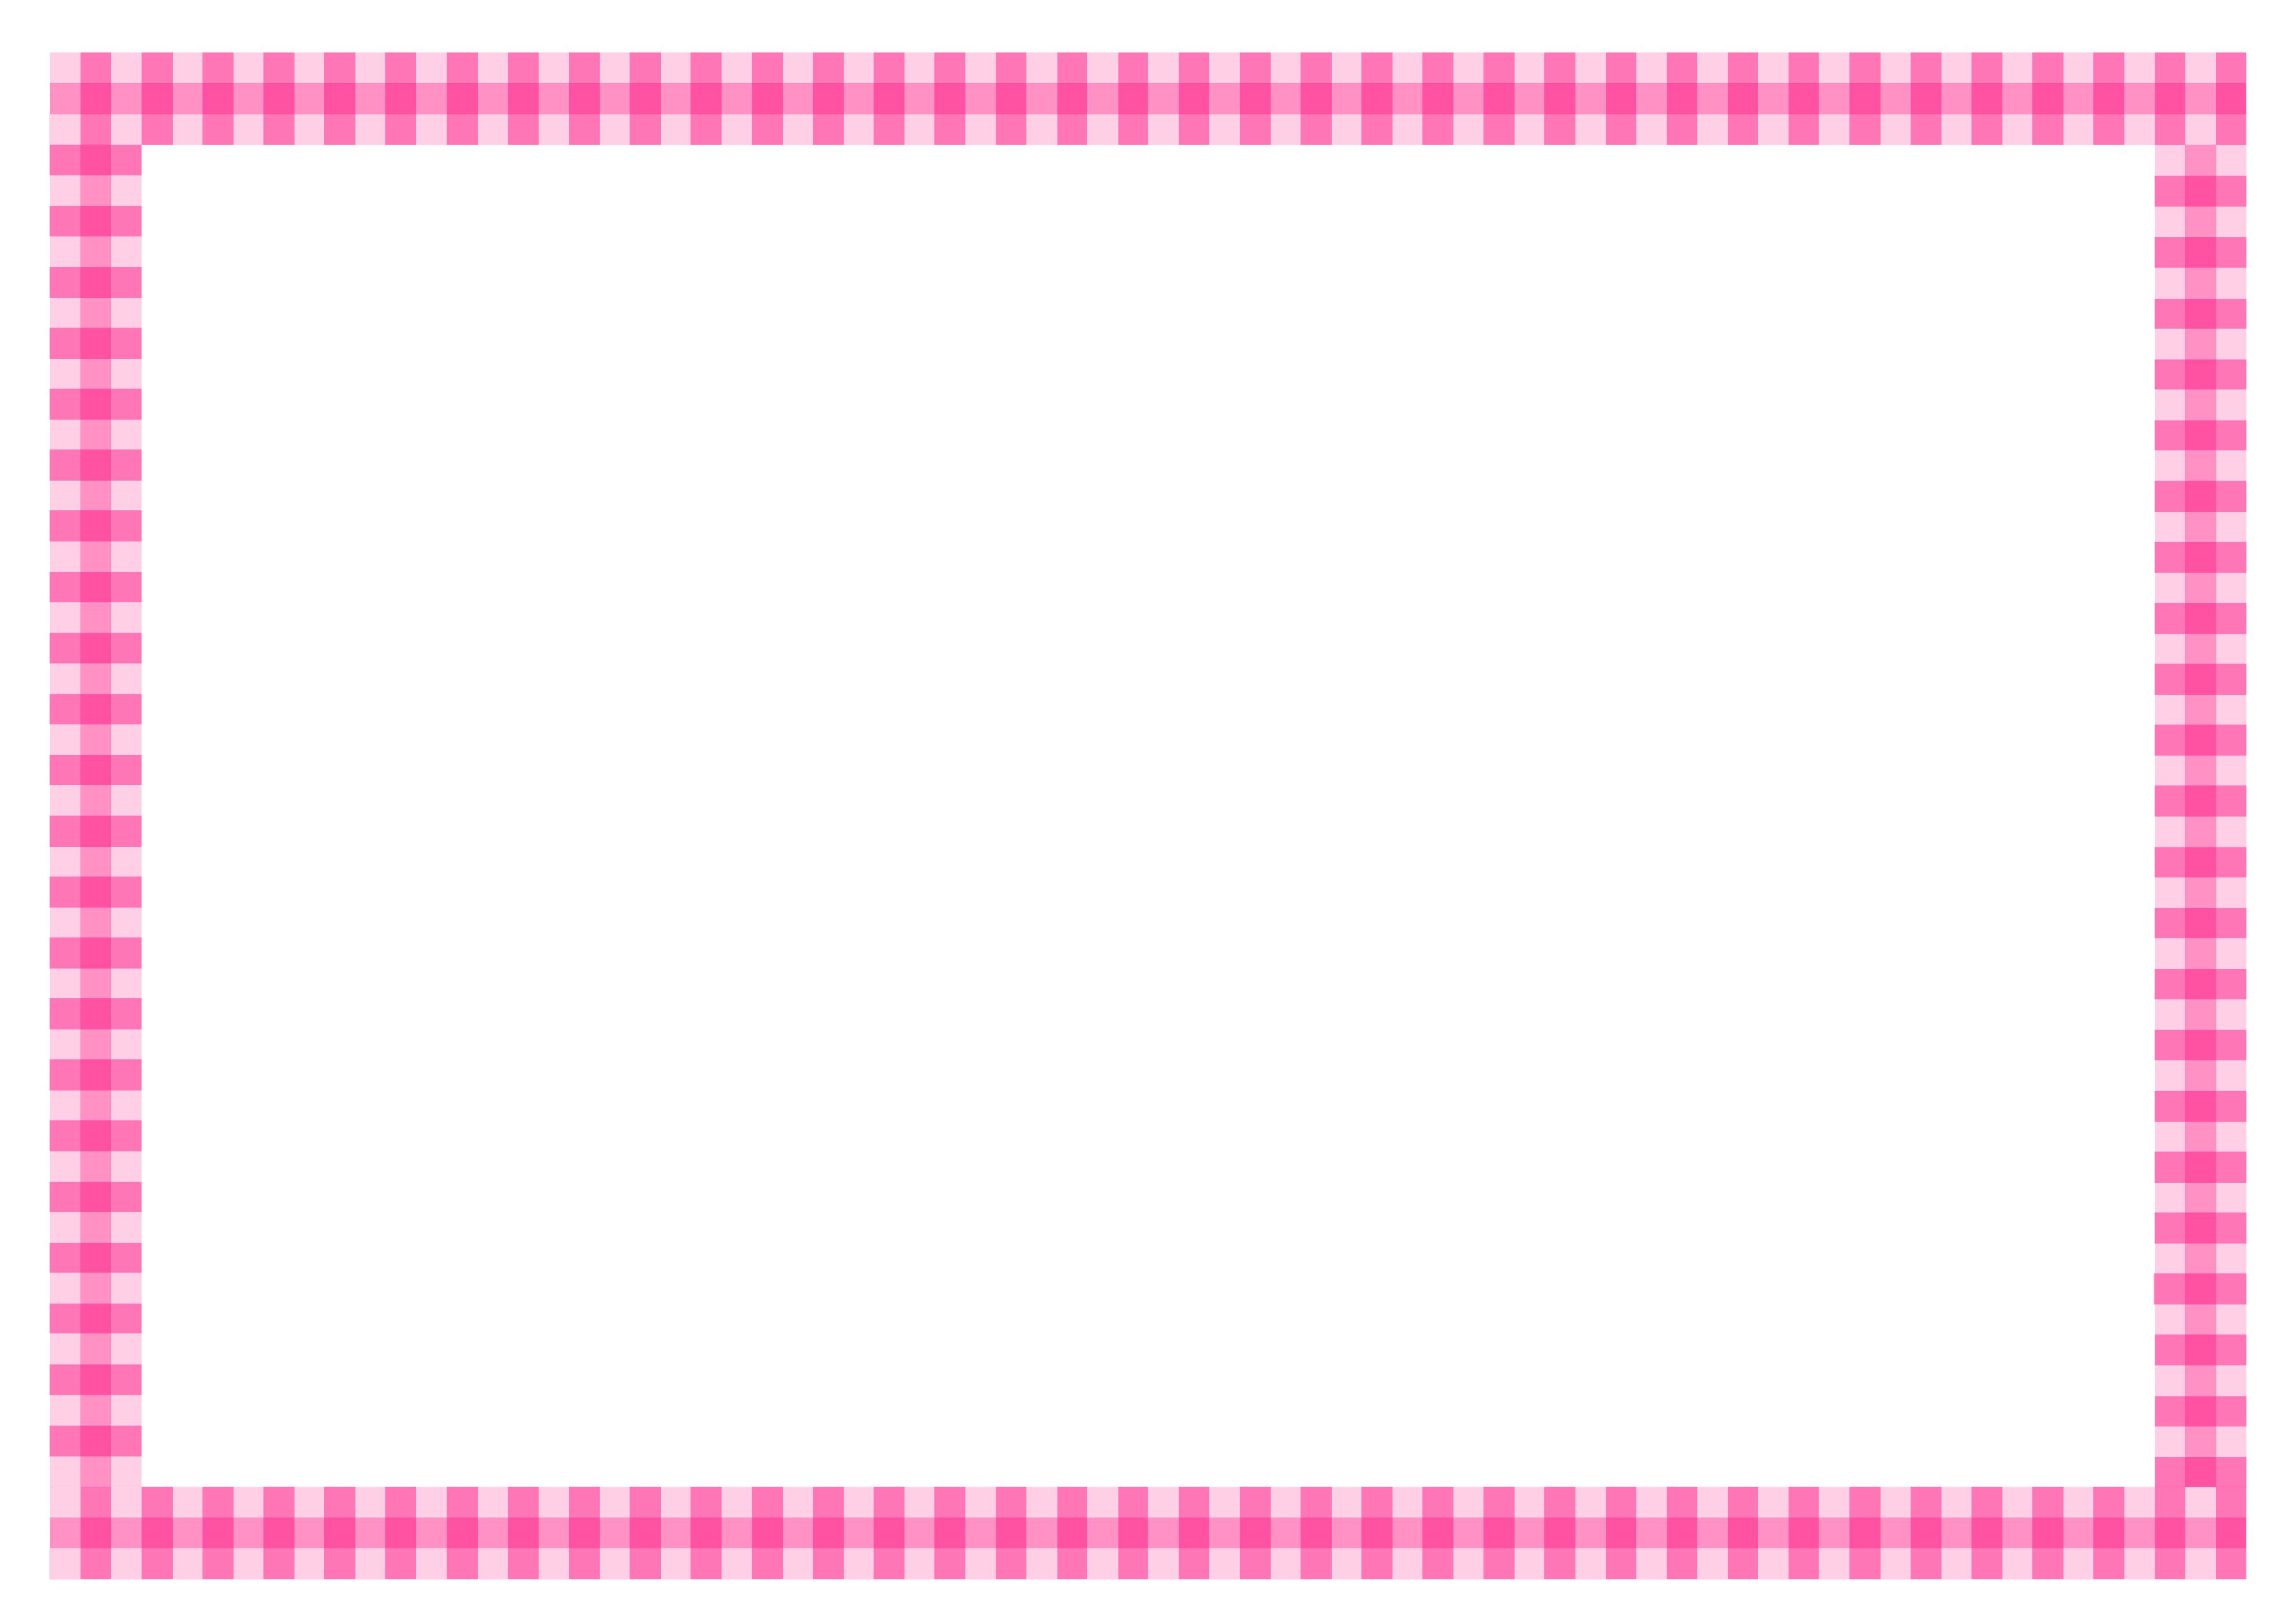 メッセージカード枠 - word等 挿入用 テンプレート イラスト画像 無料